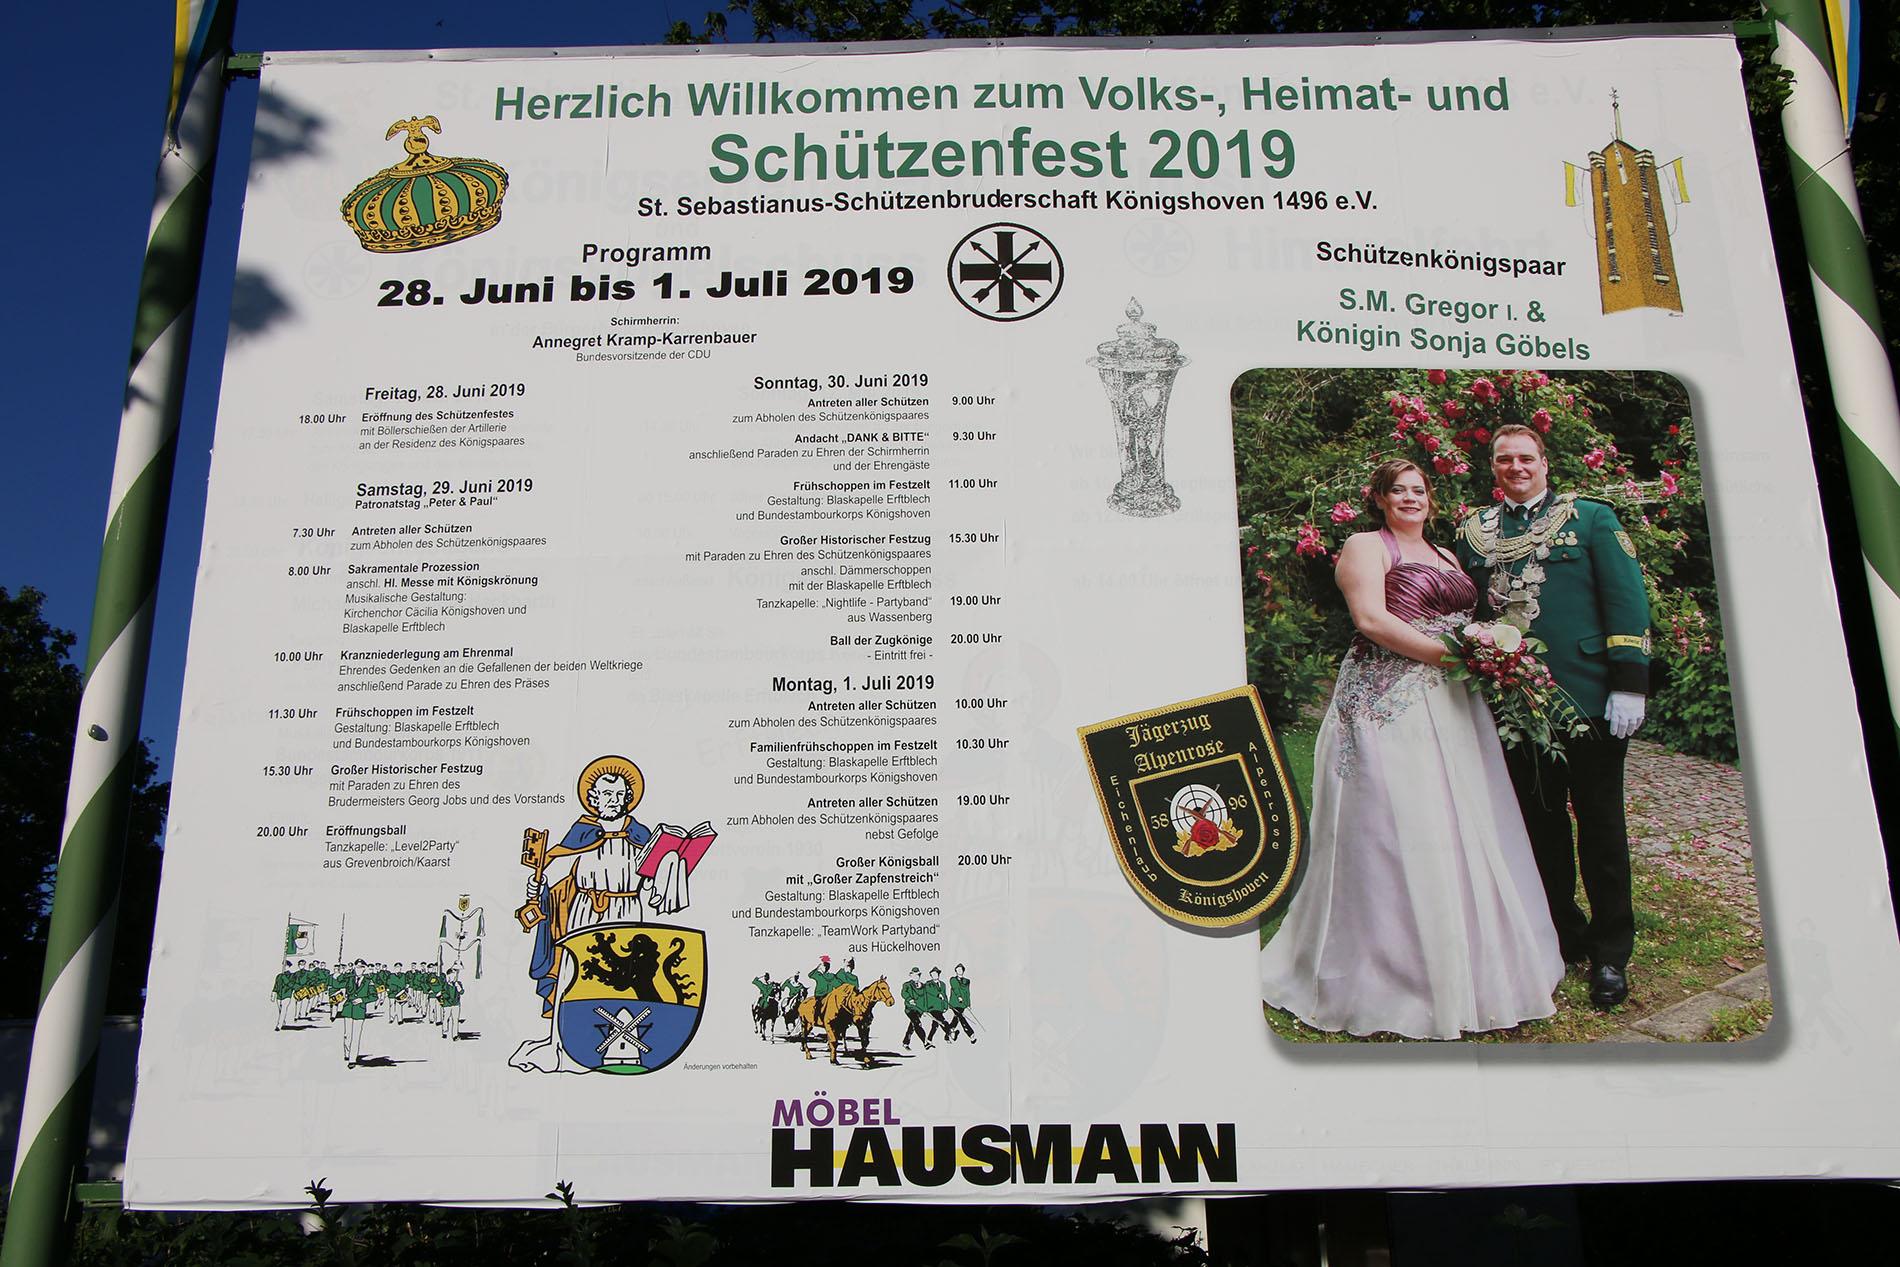 Die Werbetafel der St. Sebastianus-Schützenbruderschaft Königshoven 1946 e. V. kündigt es schon an: Das Schützenkönigspaar S. M. Gergor I. & Königin Sonja Göbels führen in diesem Jahr die Feierlichkeiten zum Schützenfest an. (Foto: Bastian Schlößer)